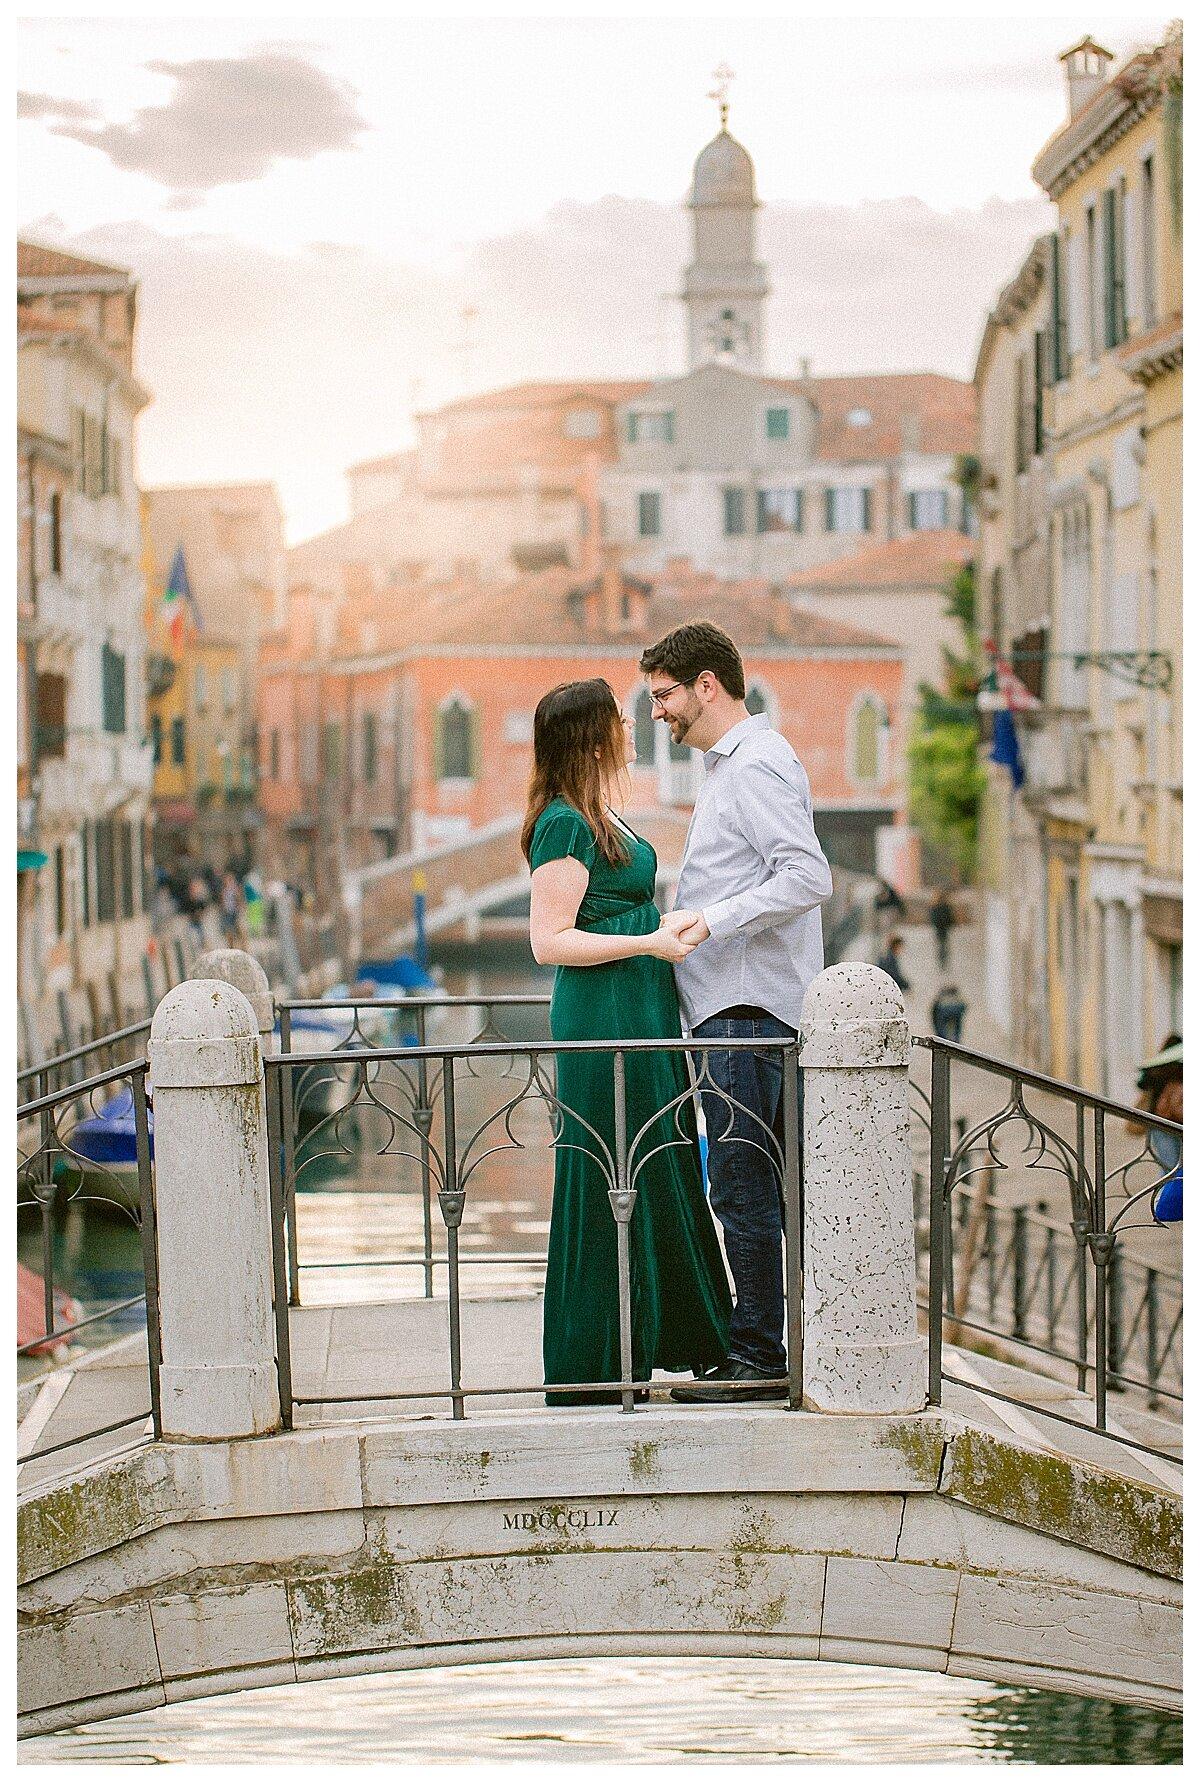 venice-photographer-stefano-degirmenci-couple-photowalk_1211.jpg